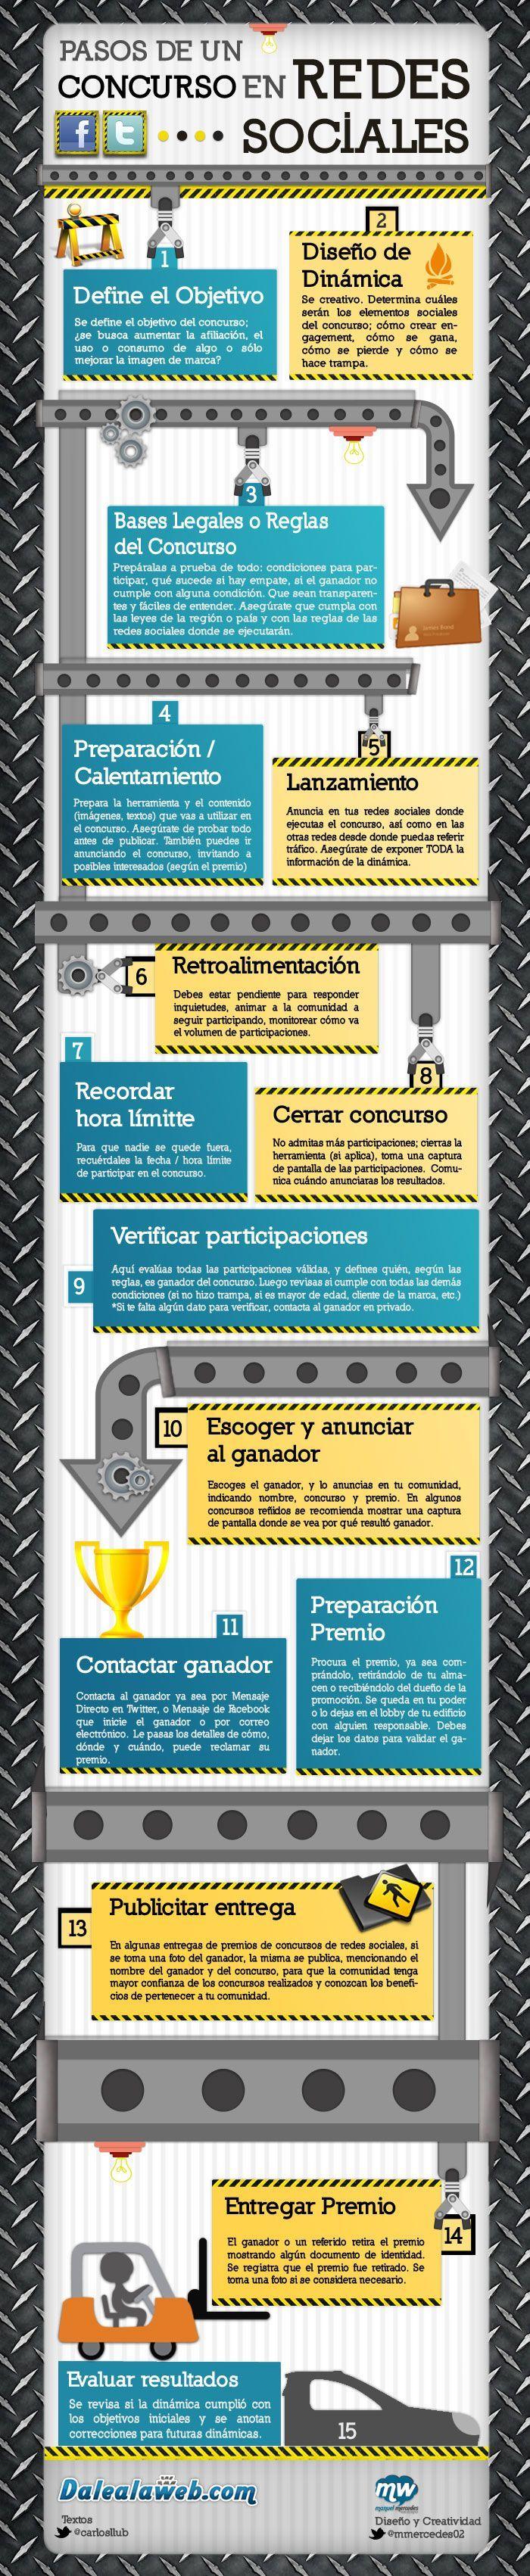 Pasos para crear un concurso en Redes Sociales. #CM #CommunityManager #RedesSociales